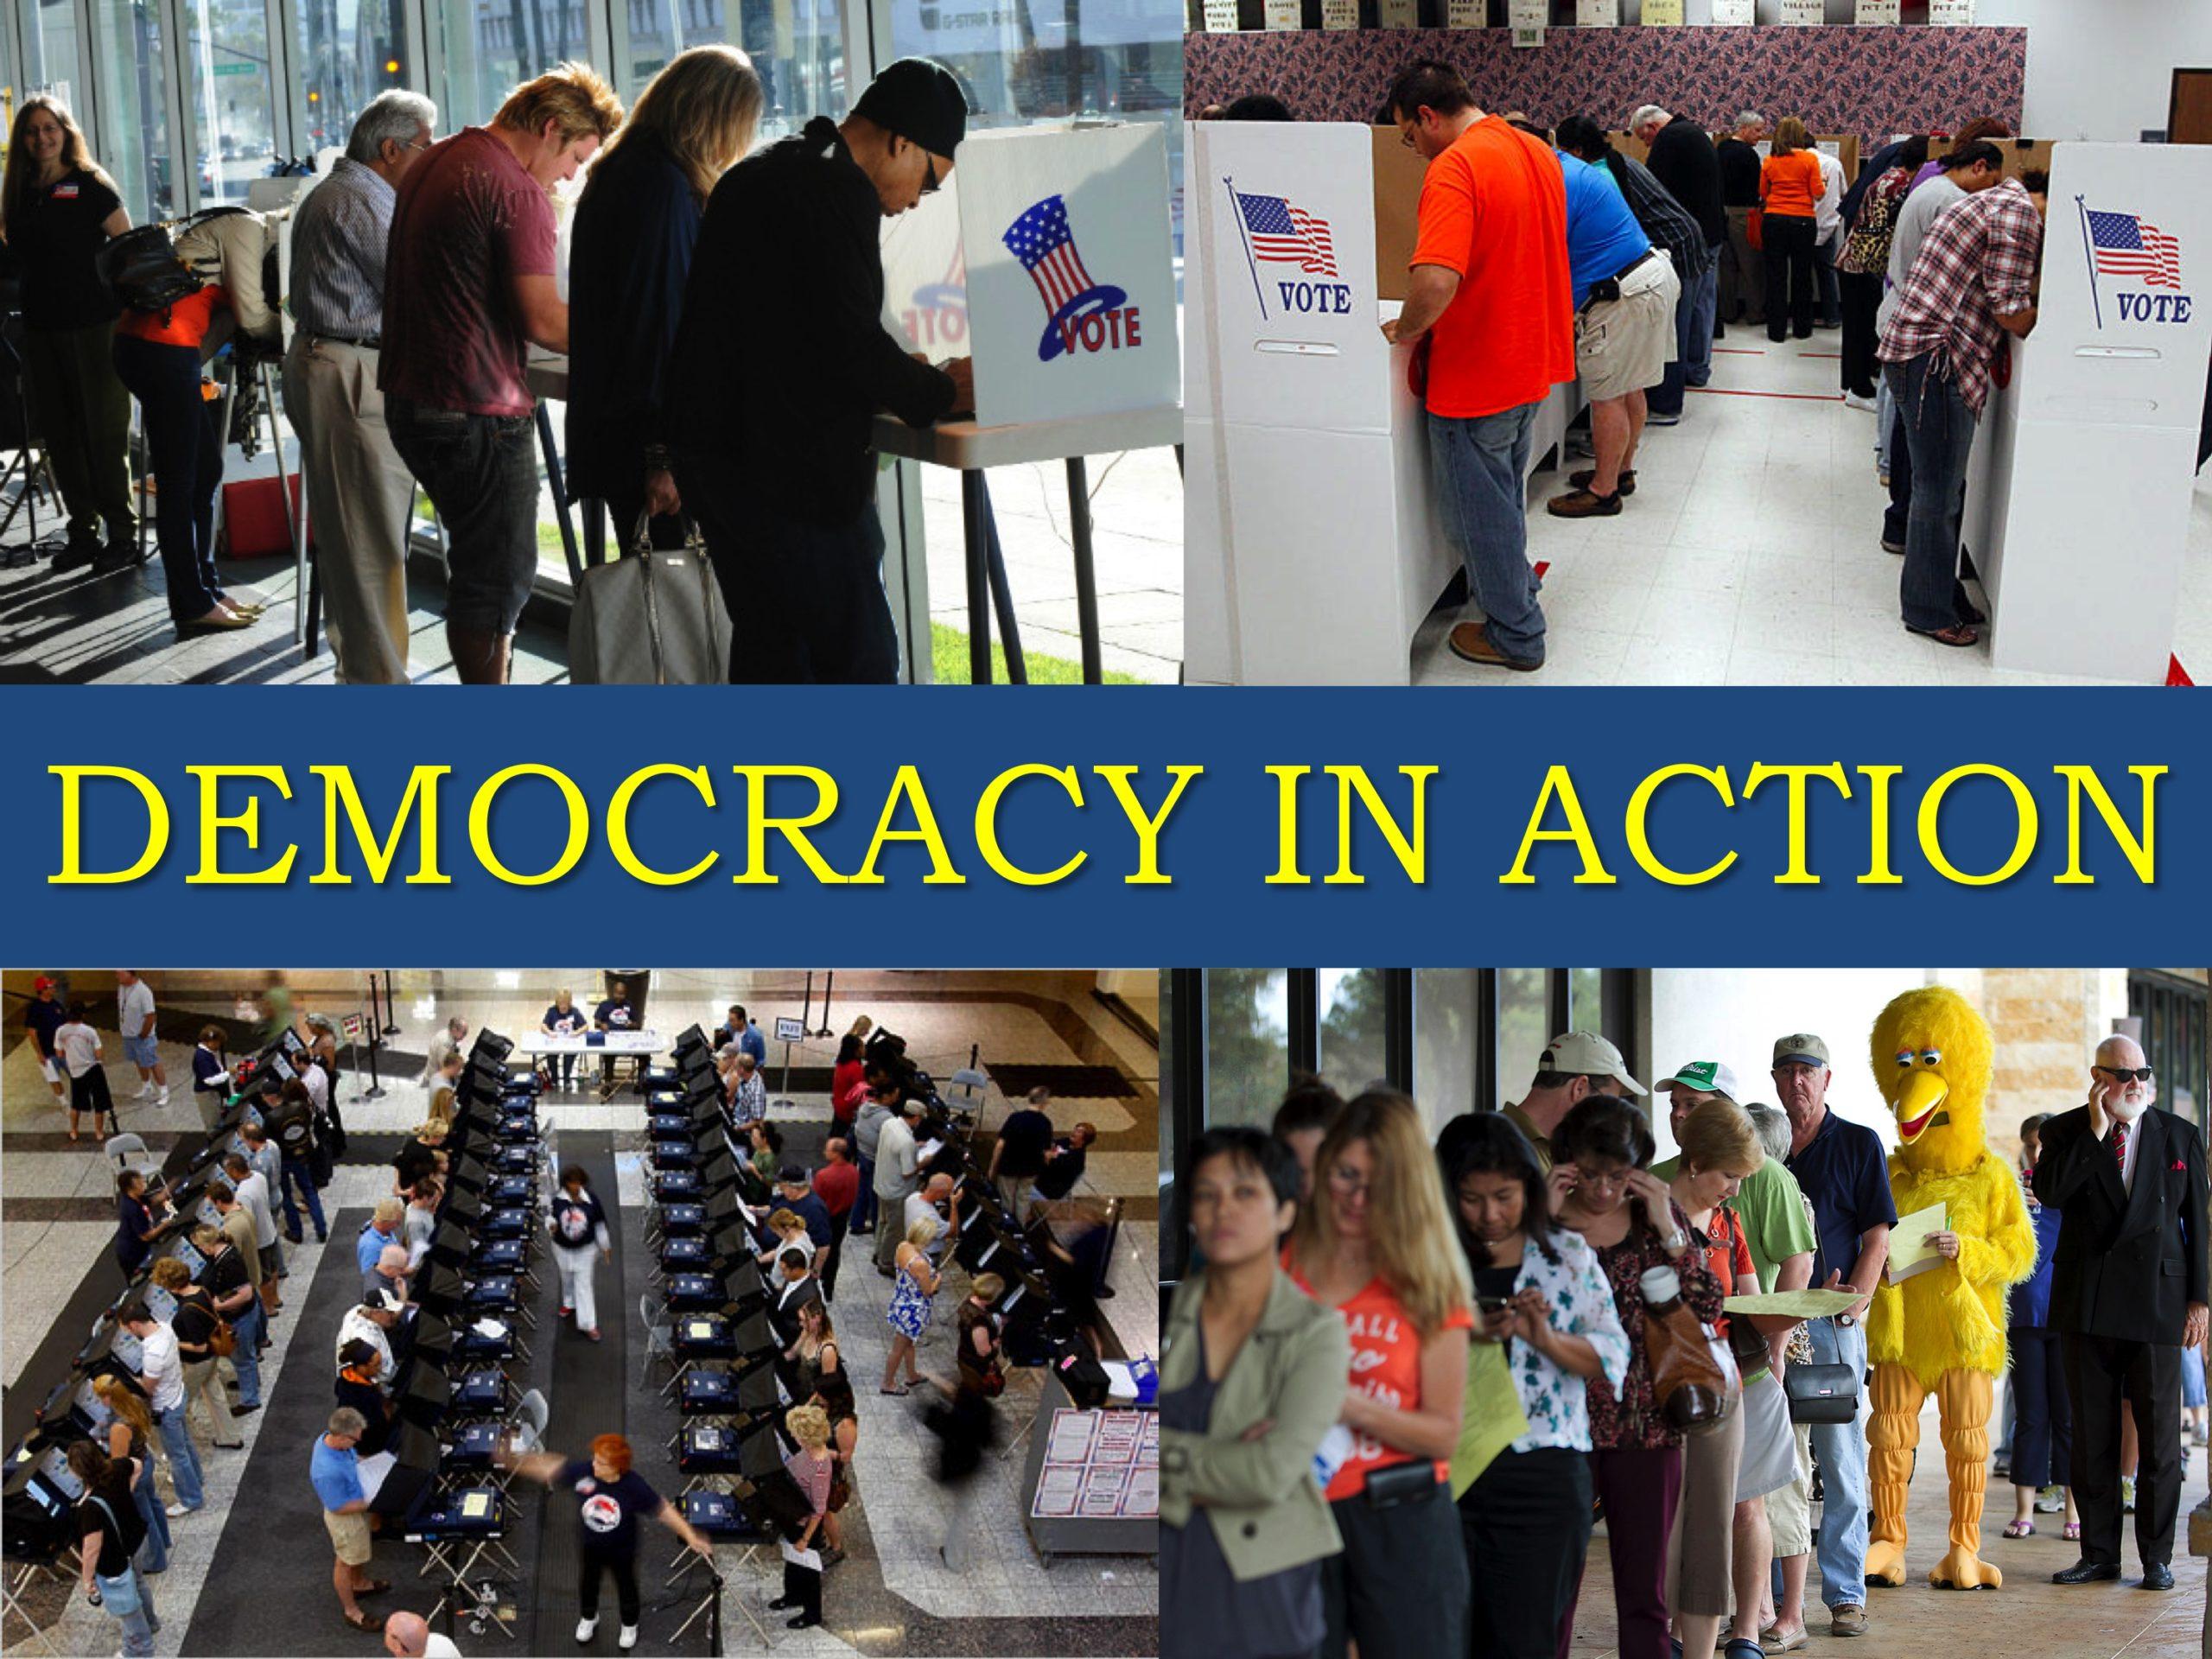 DemocracyInAction